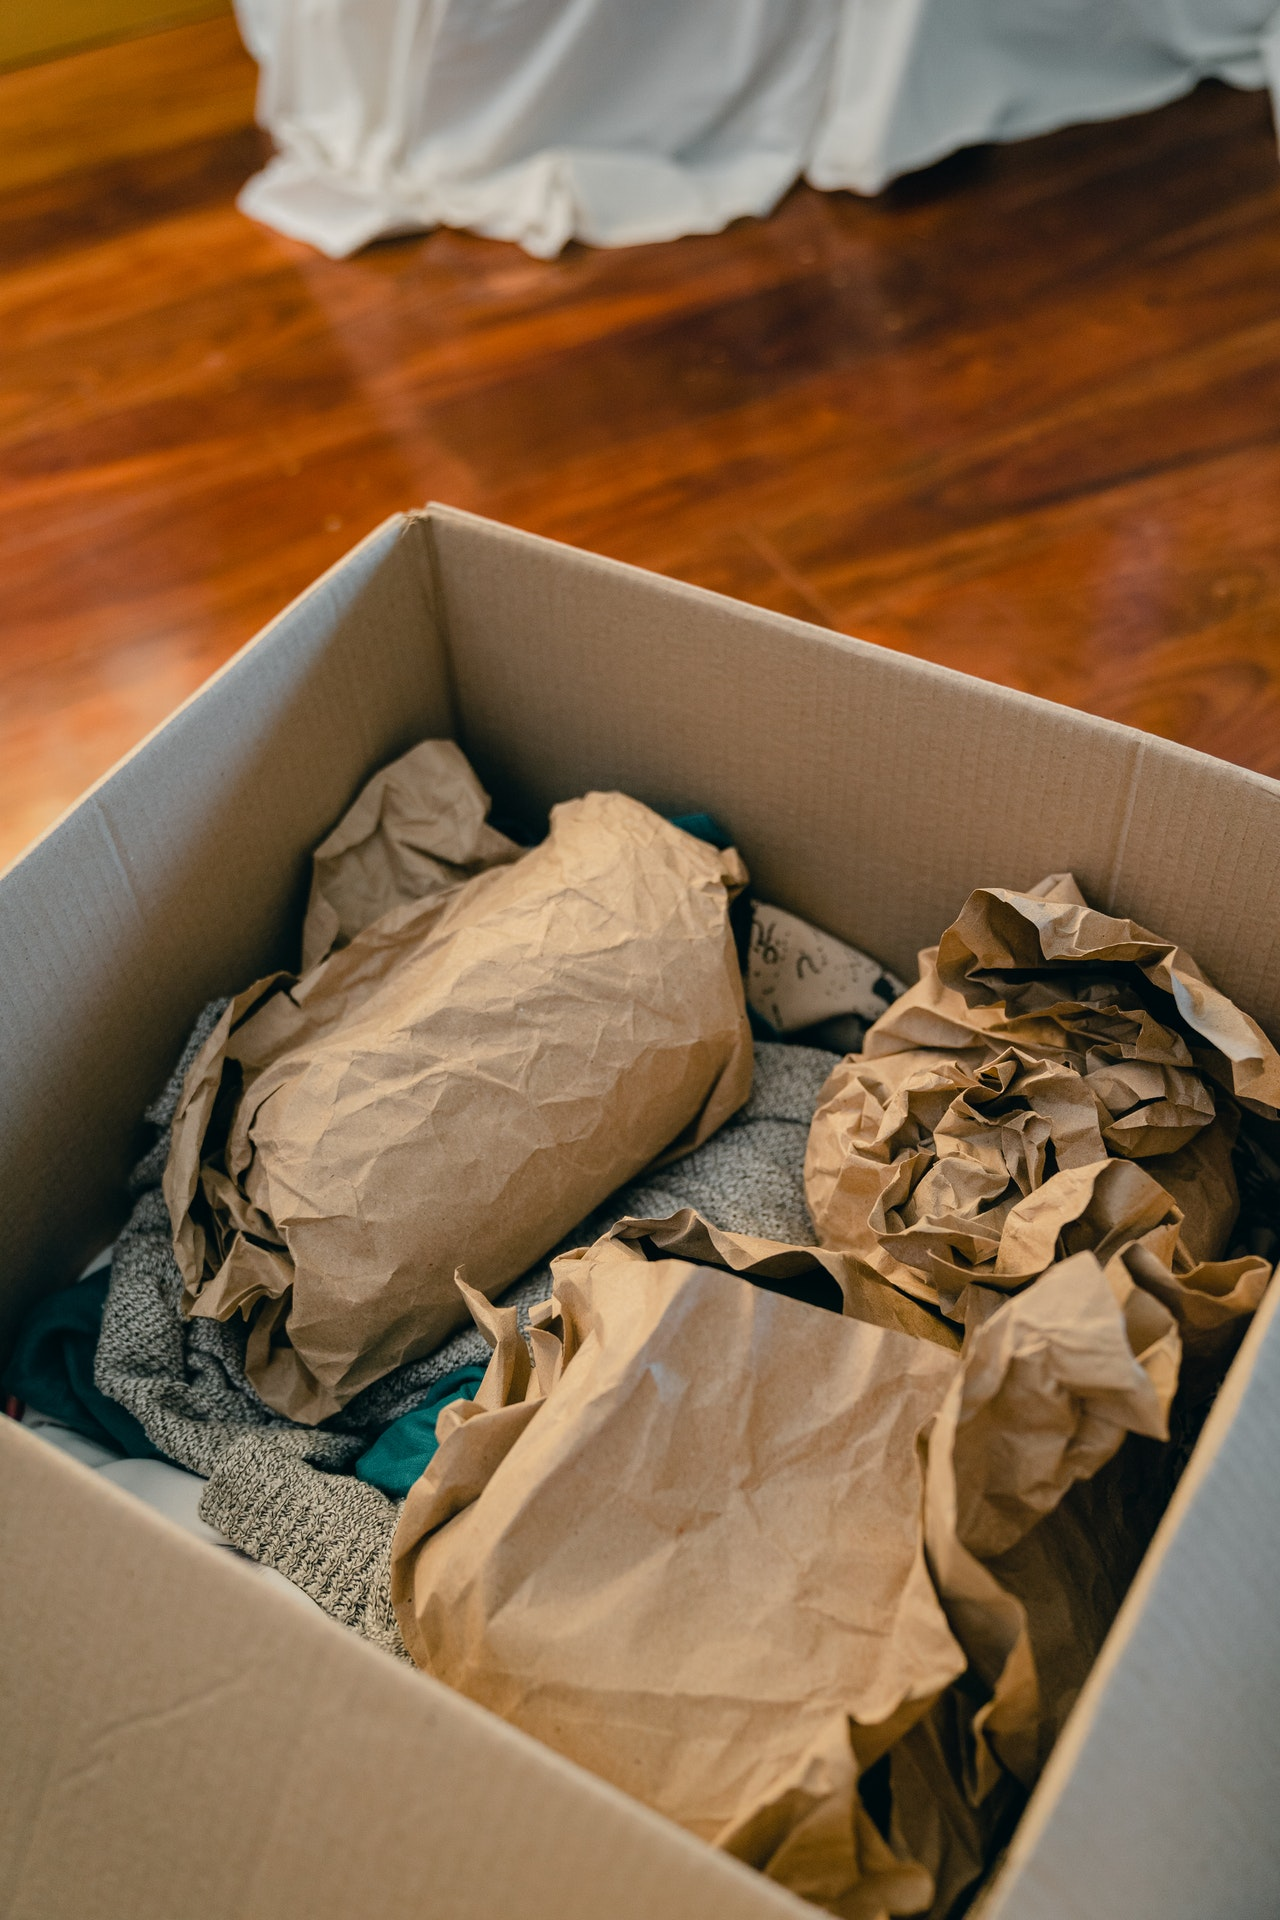 Vælg den rigtige emballage til din webshop eller butik